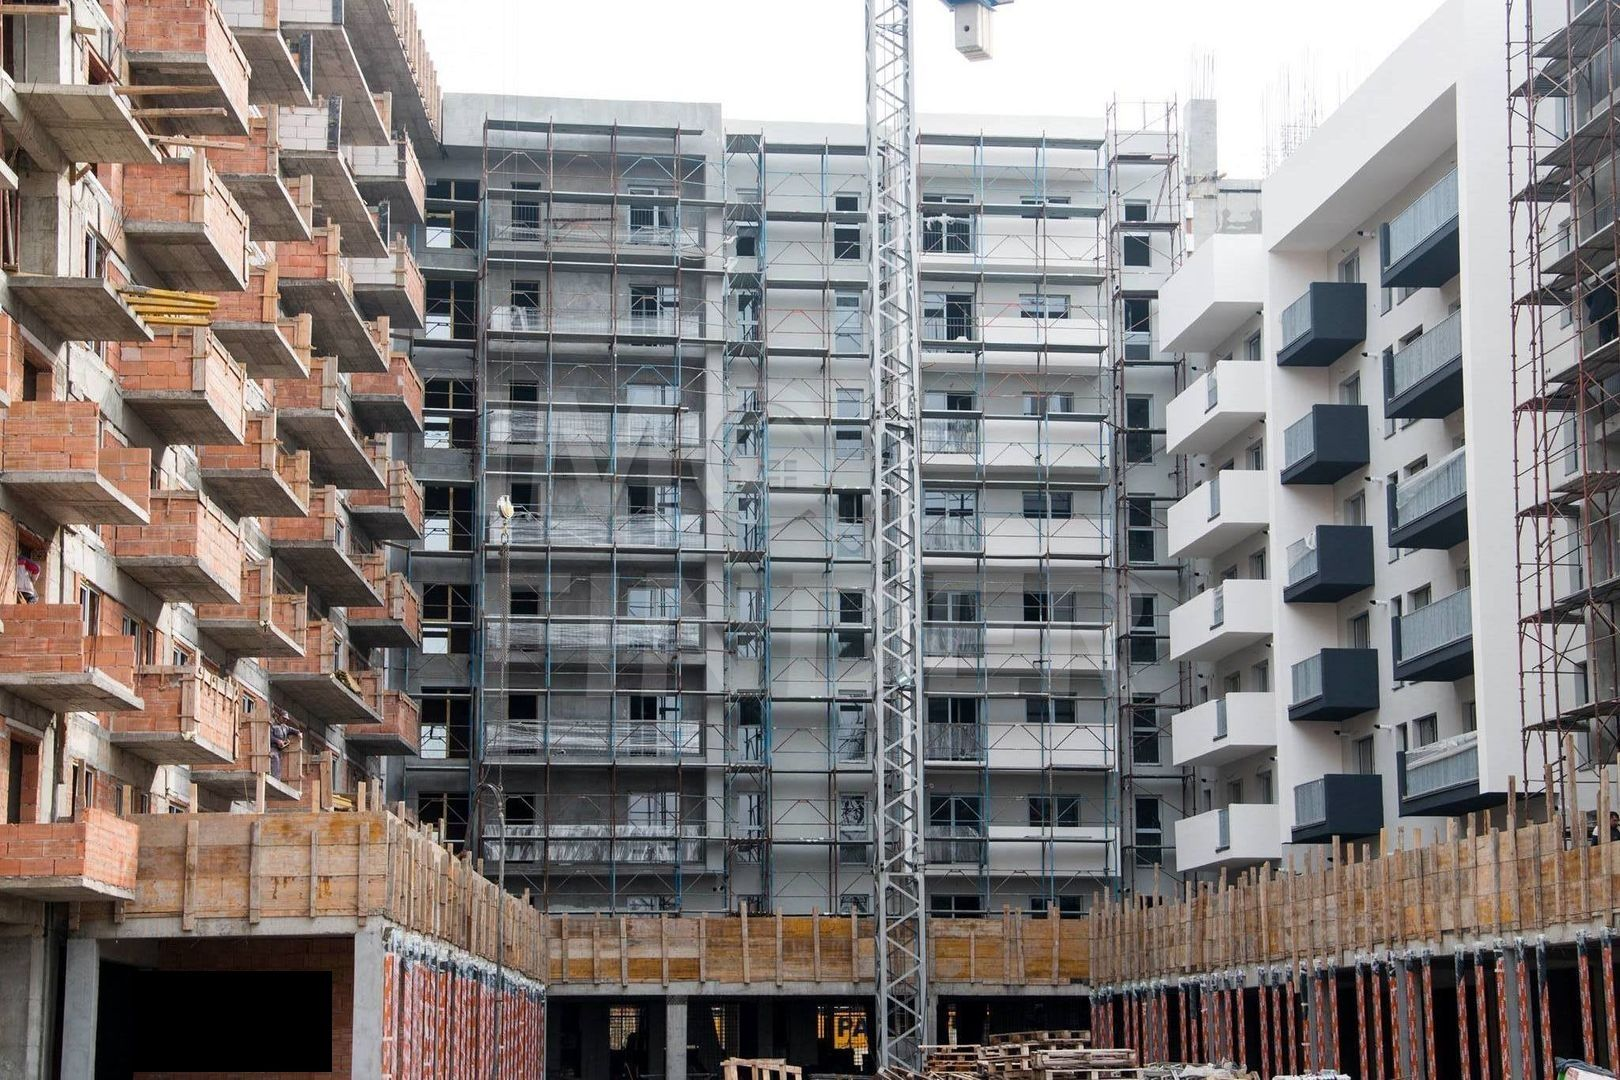 Vanzare 2 camere  Marasti, imobil nou, 56 mp + balcon